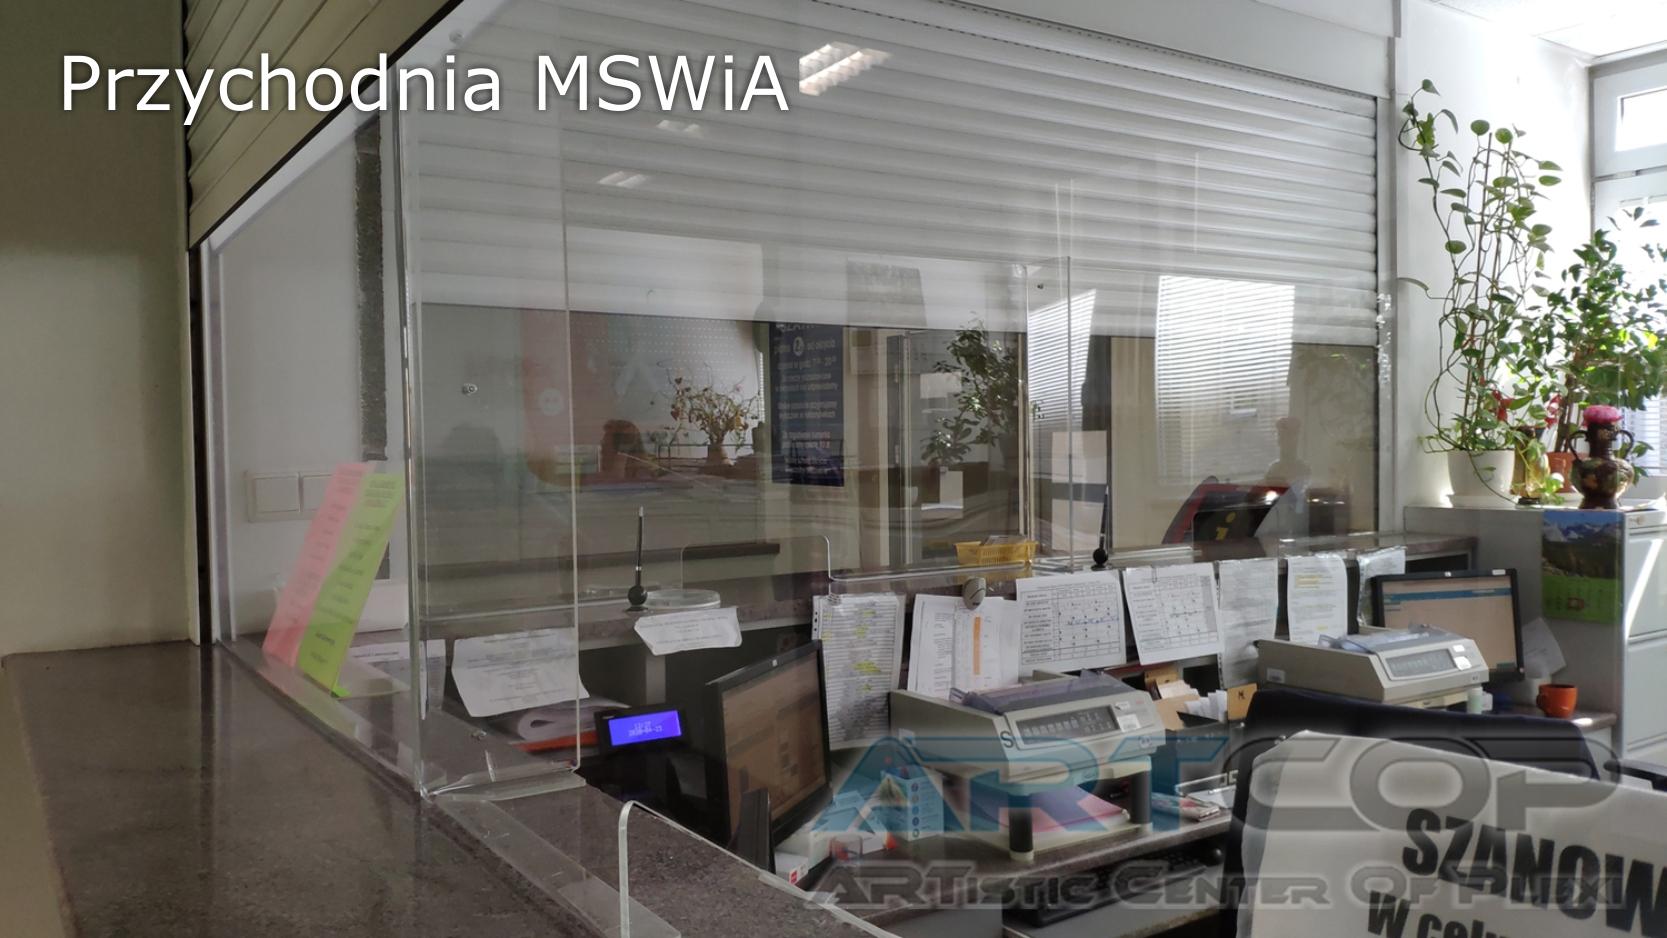 Przychodnia MSWiA - foto 1.jpg